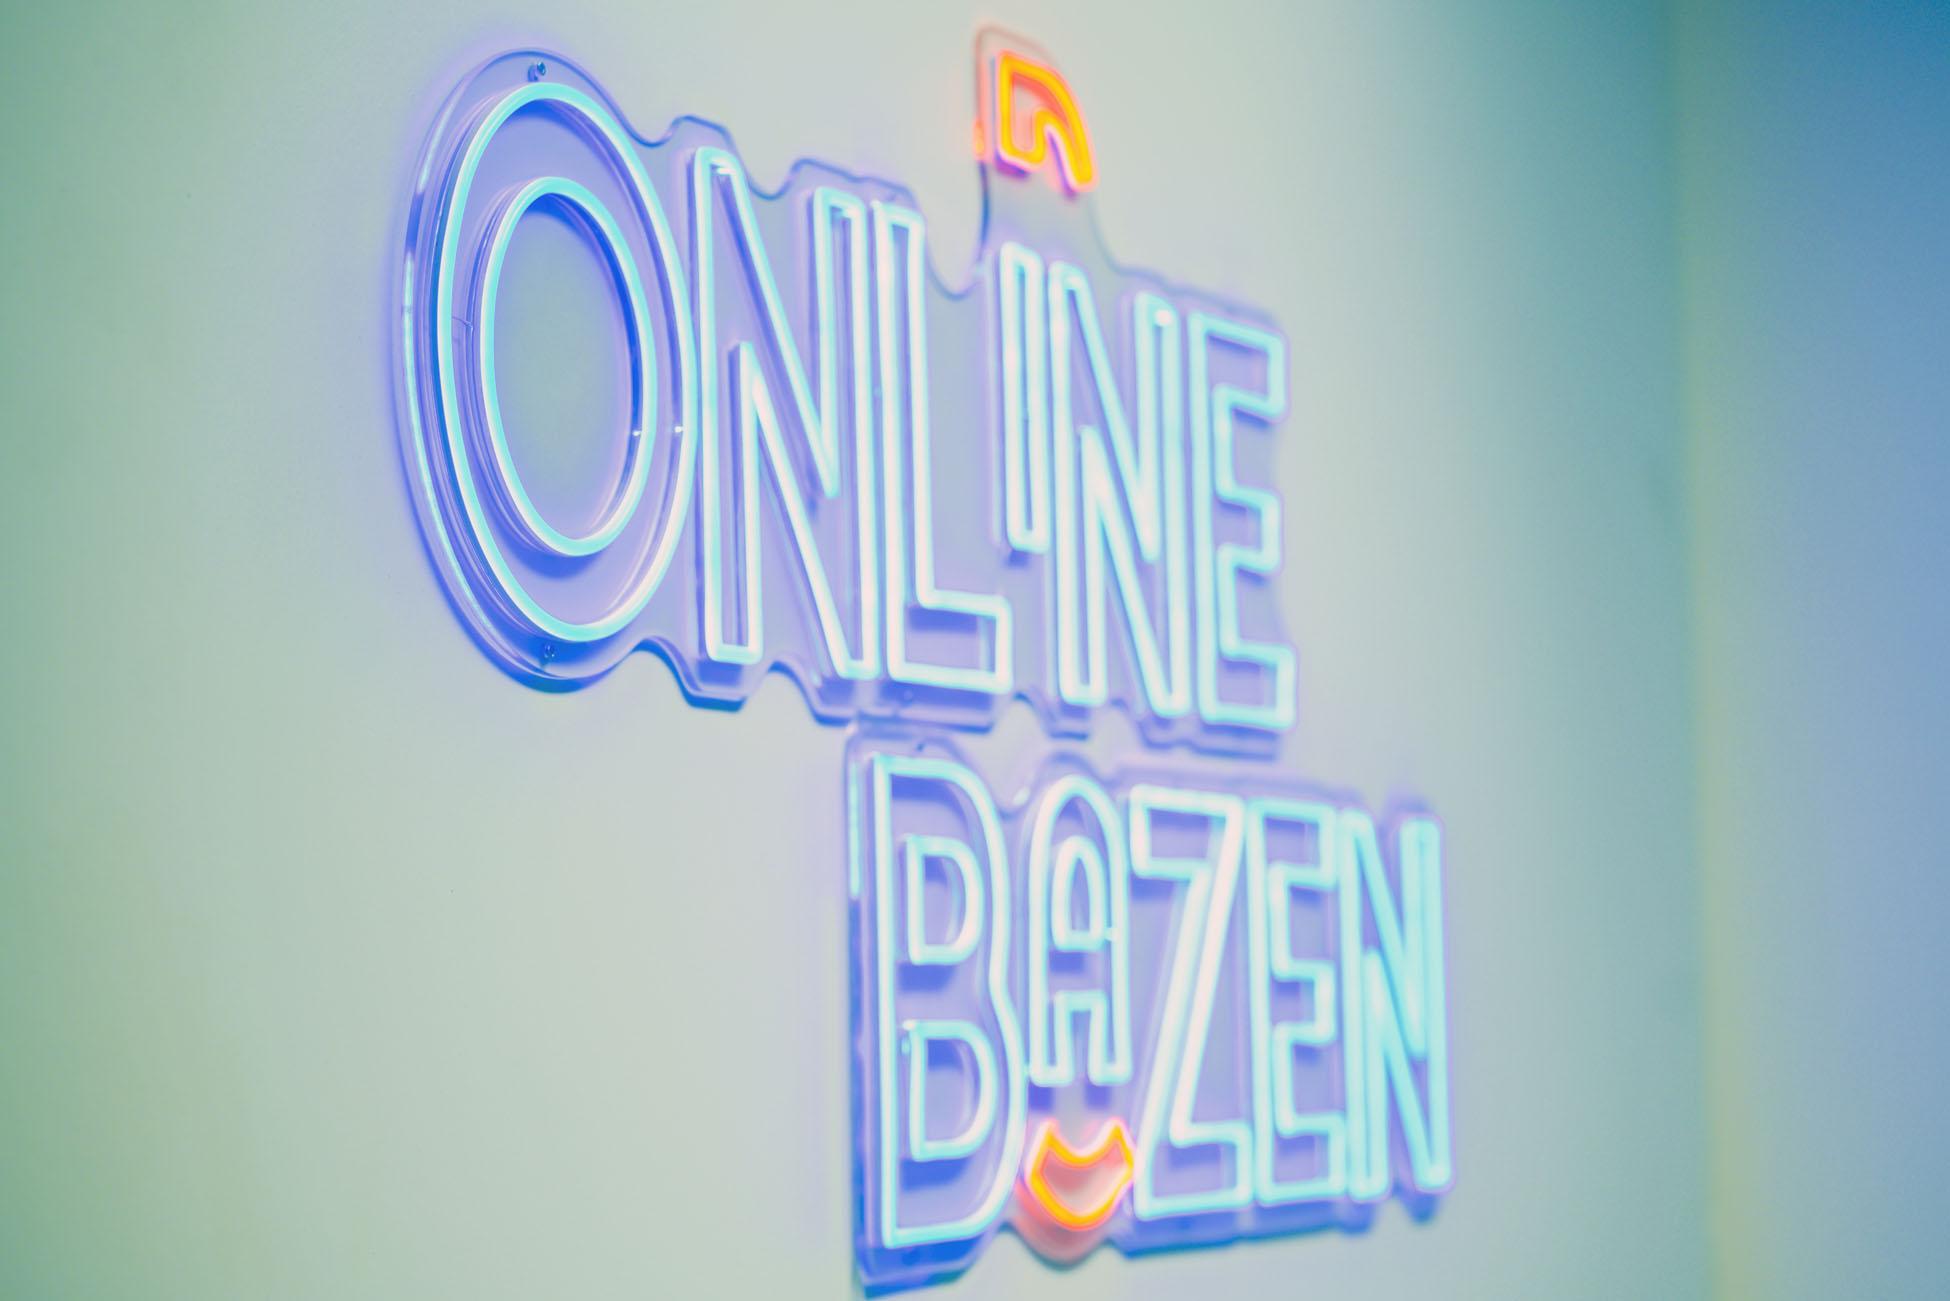 Logo Online Bazen op de muur